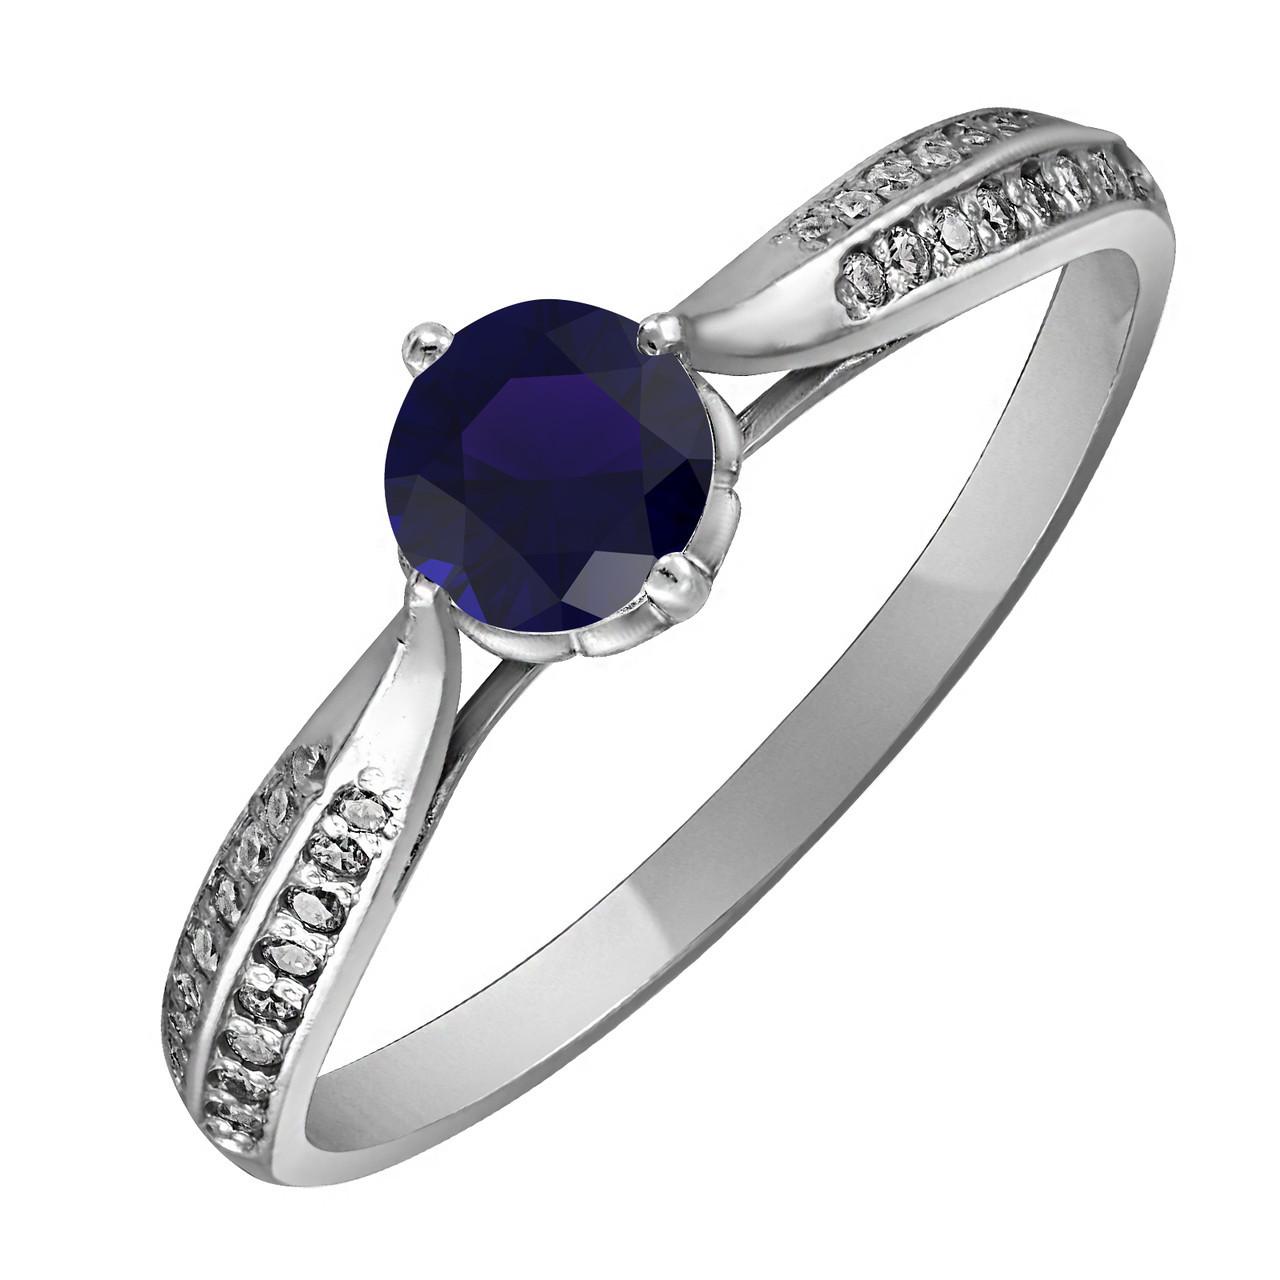 Кольцо из серебра с синим цирконием Twiddle Jewelry 17.0 (К007с-17.0)